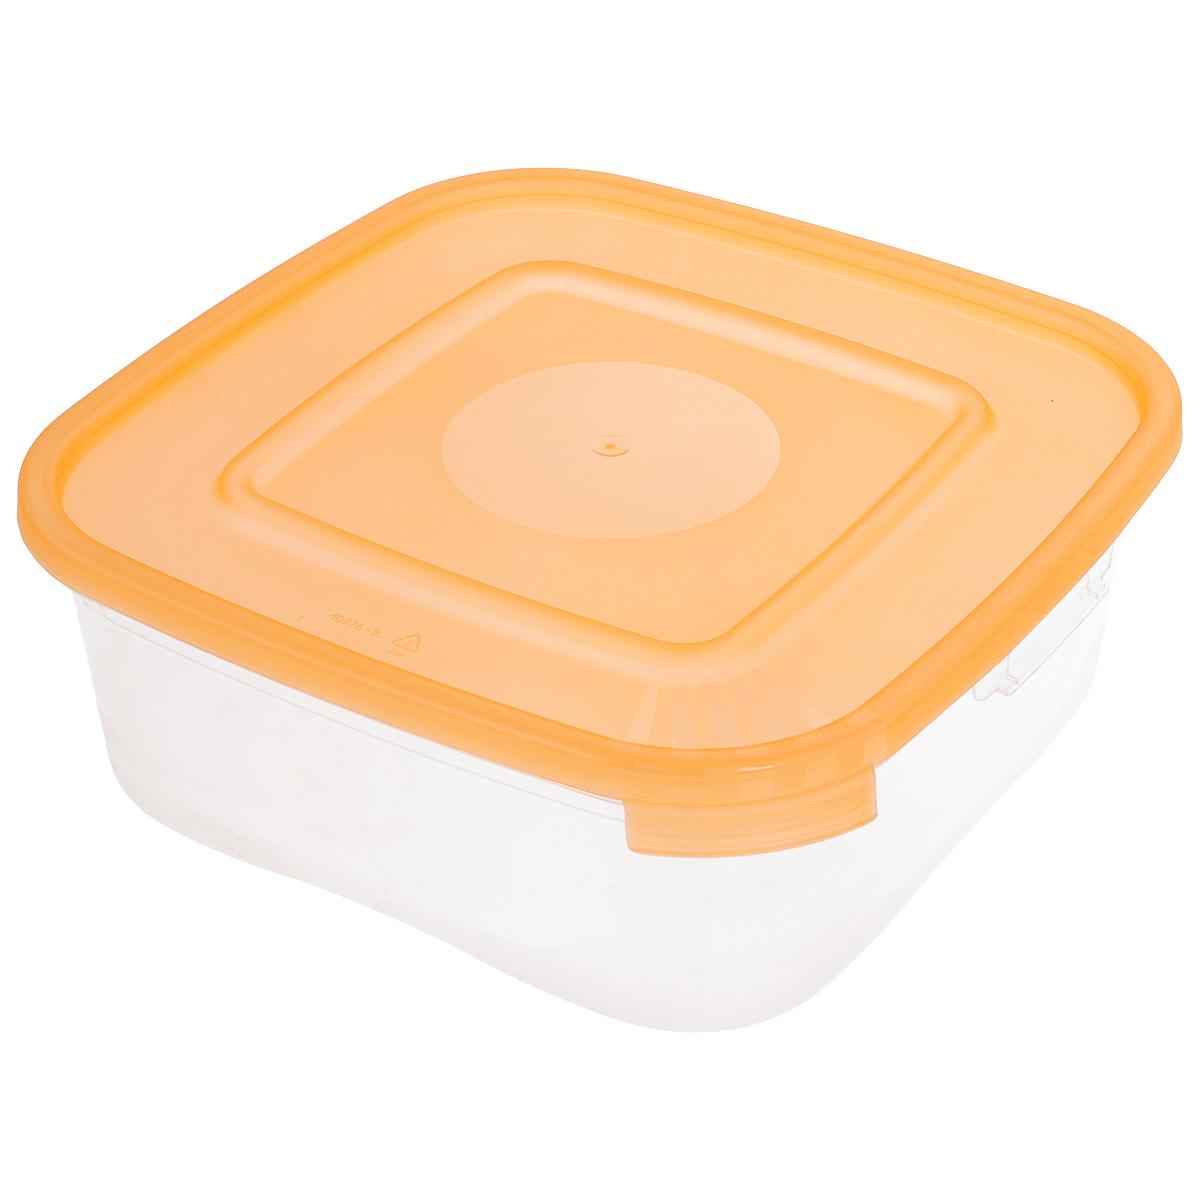 Контейнер Полимербыт Каскад, цвет: прозрачный, оранжевый, 1,4 лД Дачно-Деревенский 20Контейнер Полимербыт Каскад квадратной формы, изготовленный из прочного пластика, предназначен специально для хранения пищевых продуктов. Крышка легко открывается и плотно закрывается.Контейнер устойчив к воздействию масел и жиров, легко моется. Прозрачные стенки позволяют видеть содержимое. Контейнер имеет возможность хранения продуктов глубокой заморозки, обладает высокой прочностью. Подходит для использования в микроволновых печах.Можно мыть в посудомоечной машине.